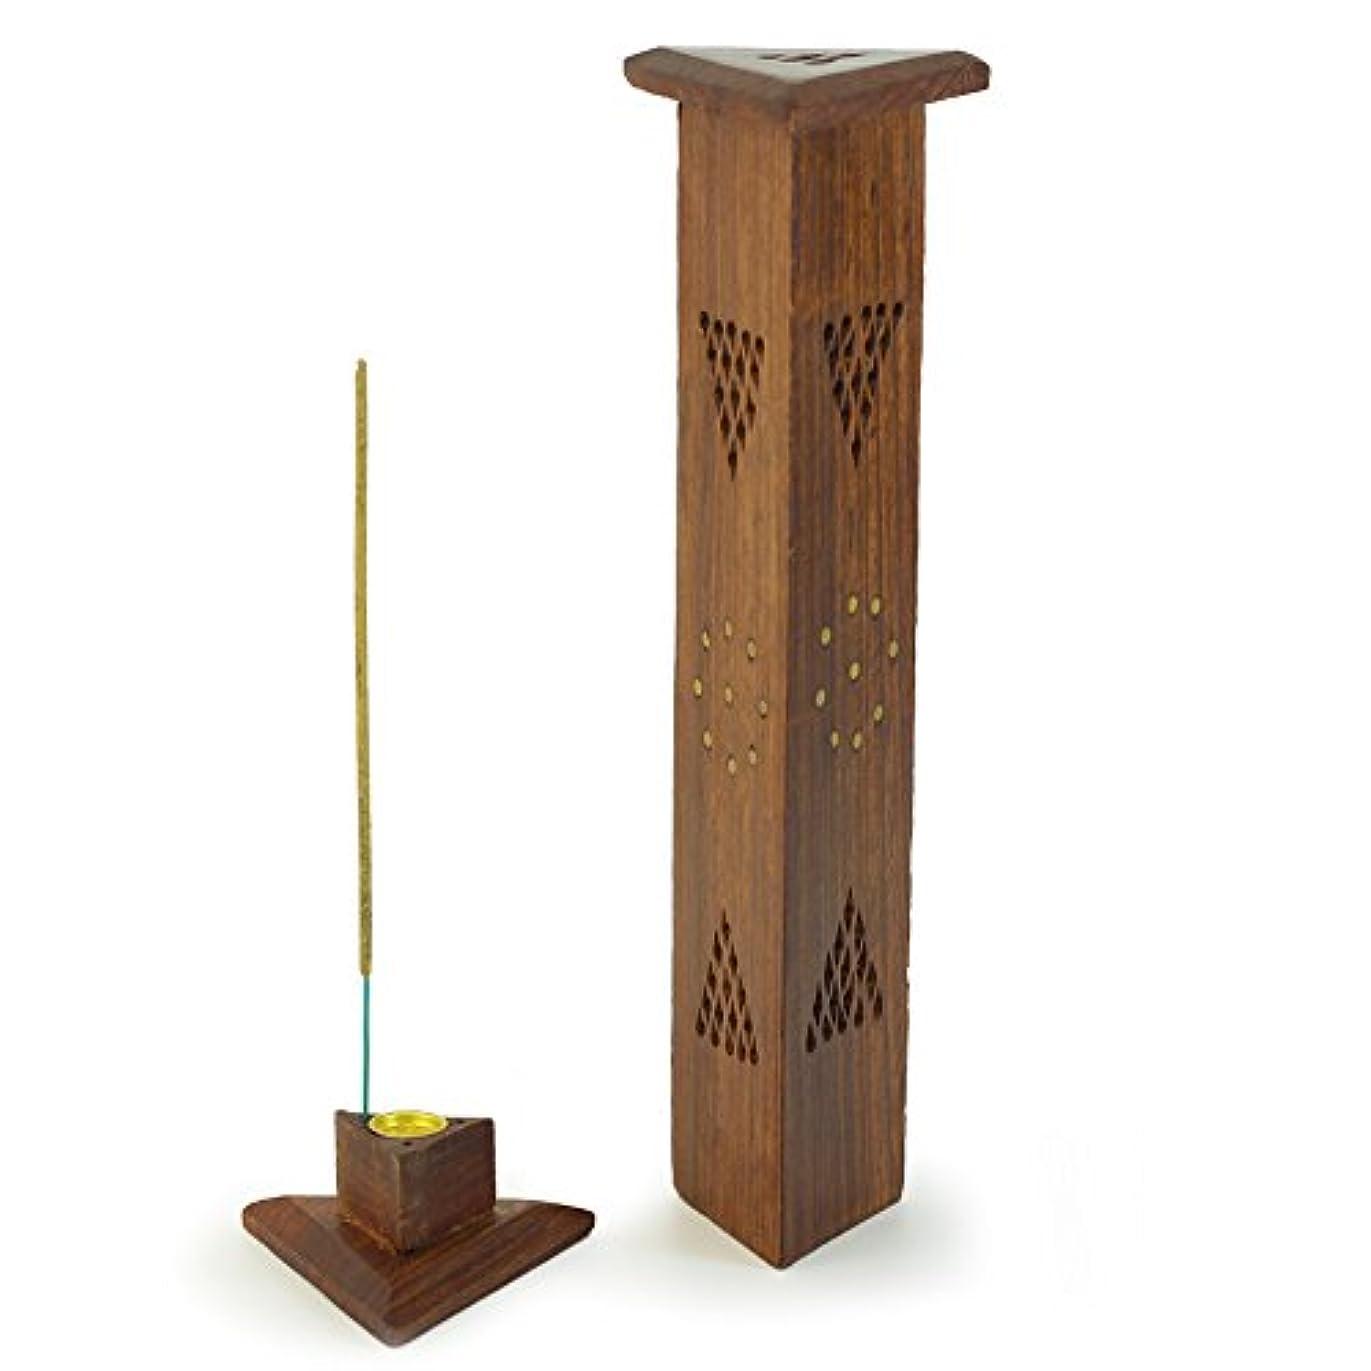 僕の氏勝つ香炉 – 木製三角形タワー